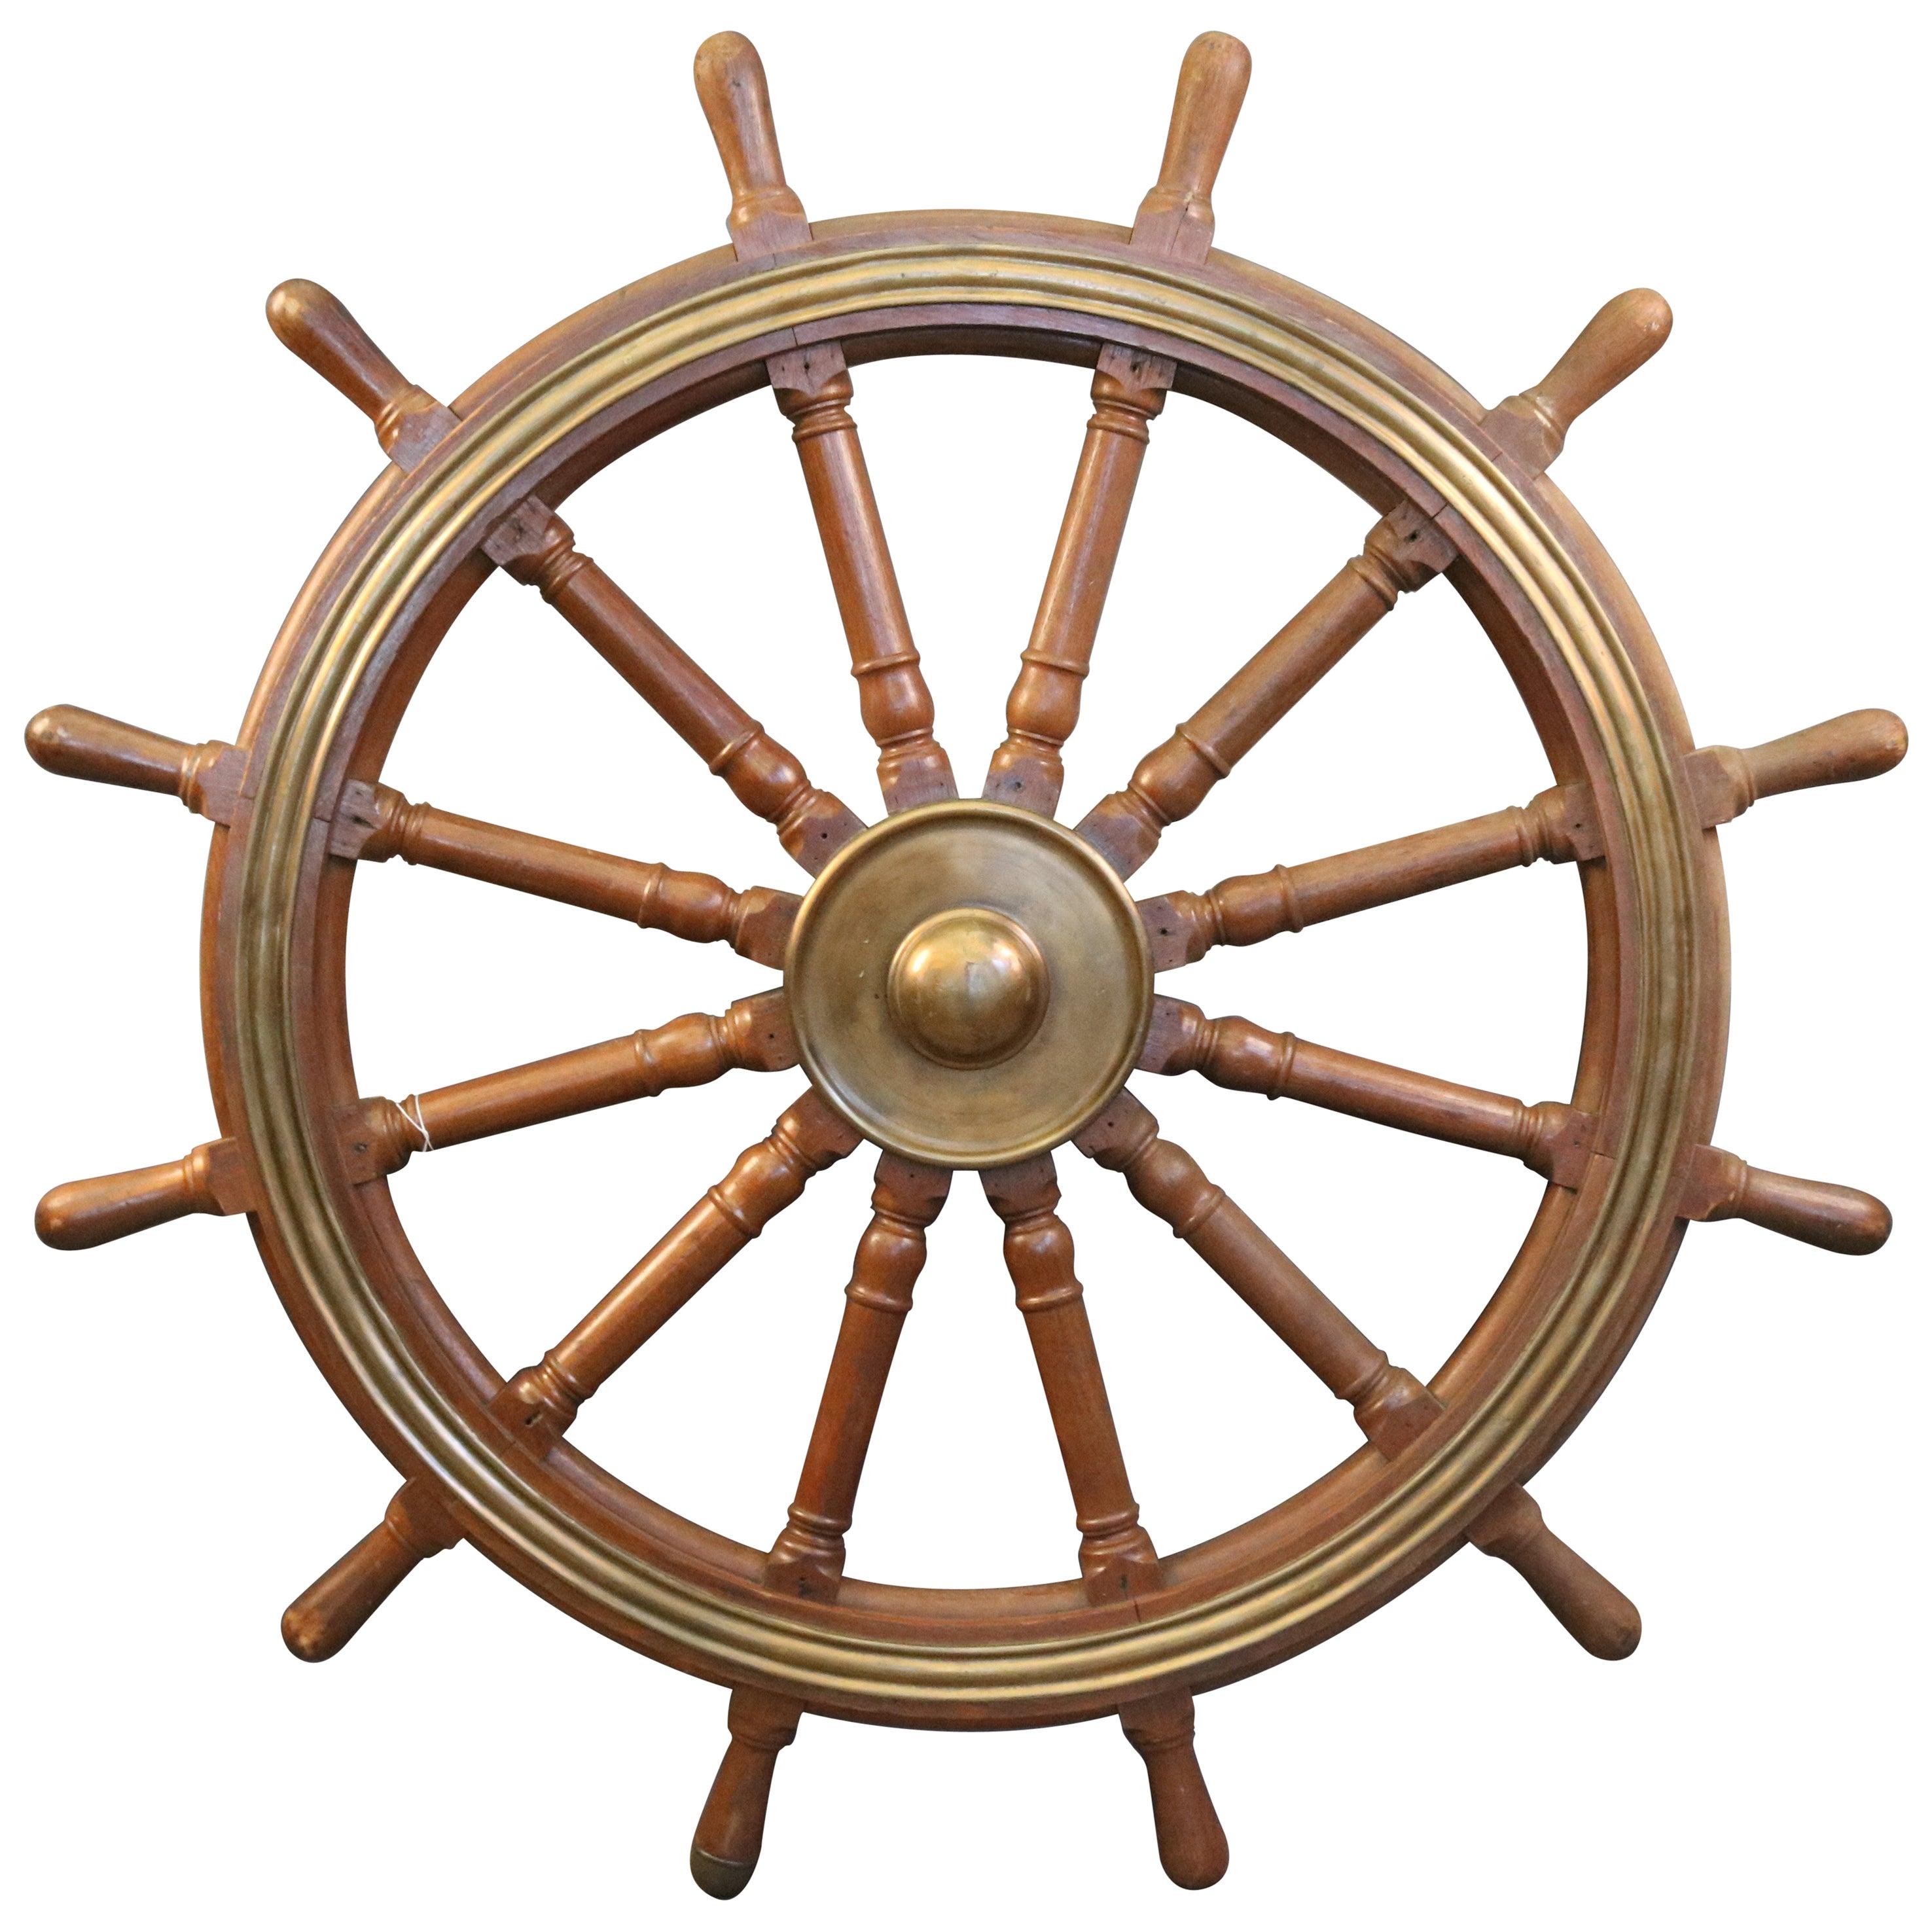 12-Spoke Varnished Ship's Wheel